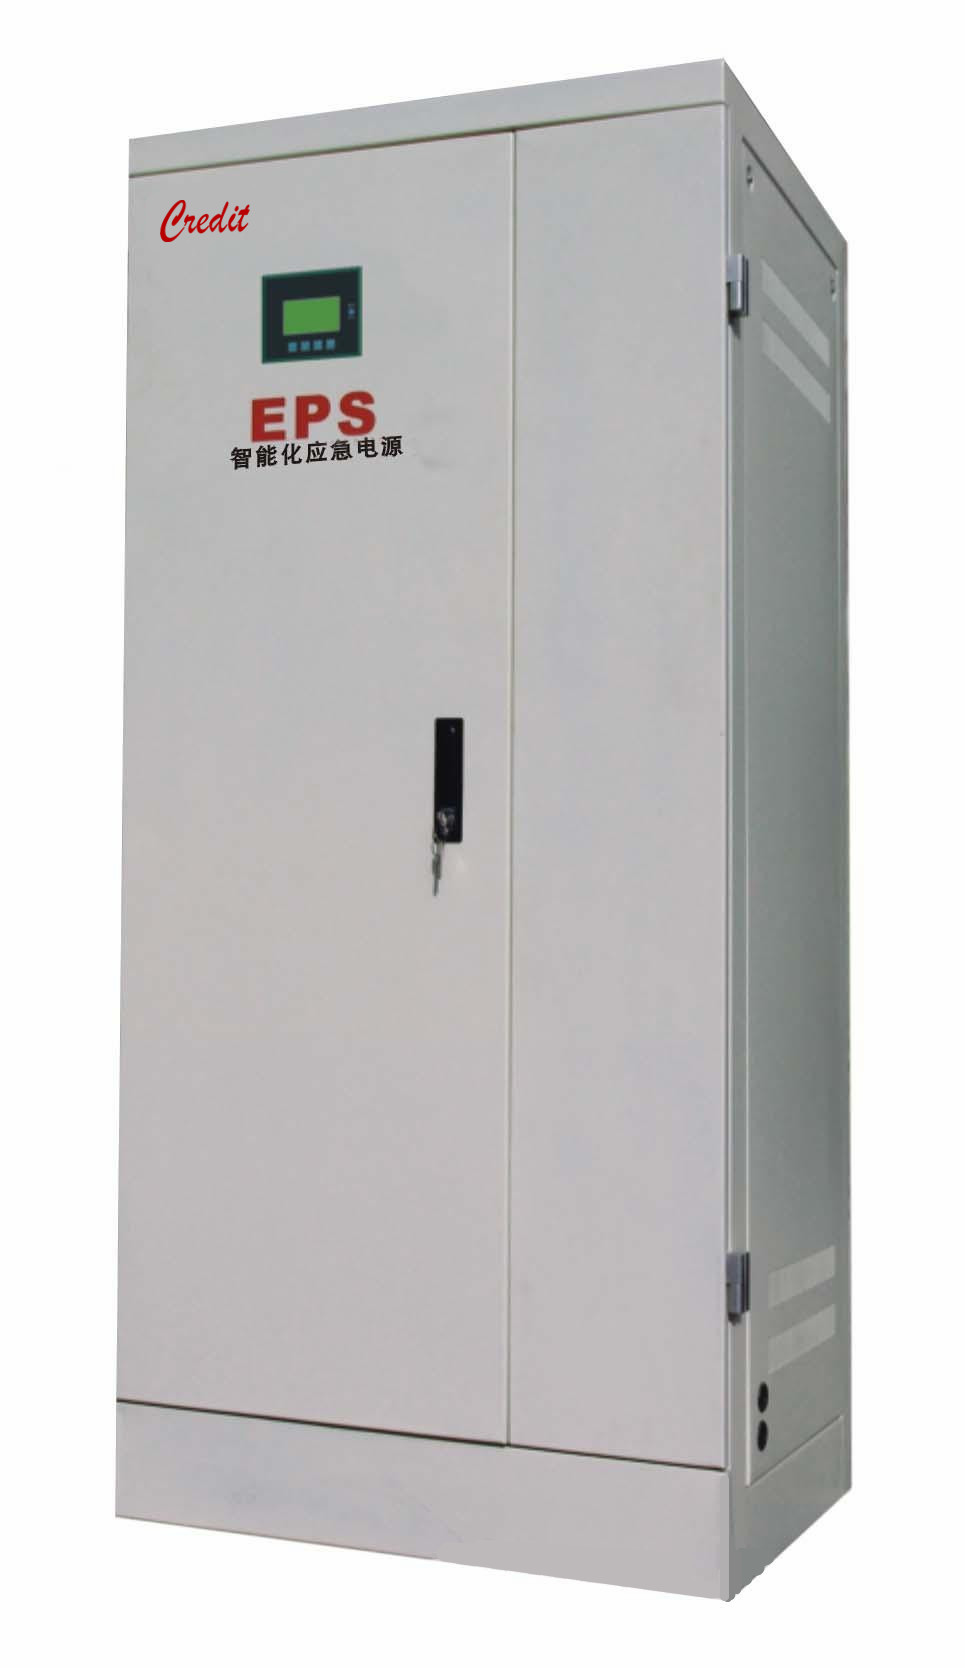 西安质量好的西安EPS应急电源厂家推荐,临潼EPS应急电源销售公司